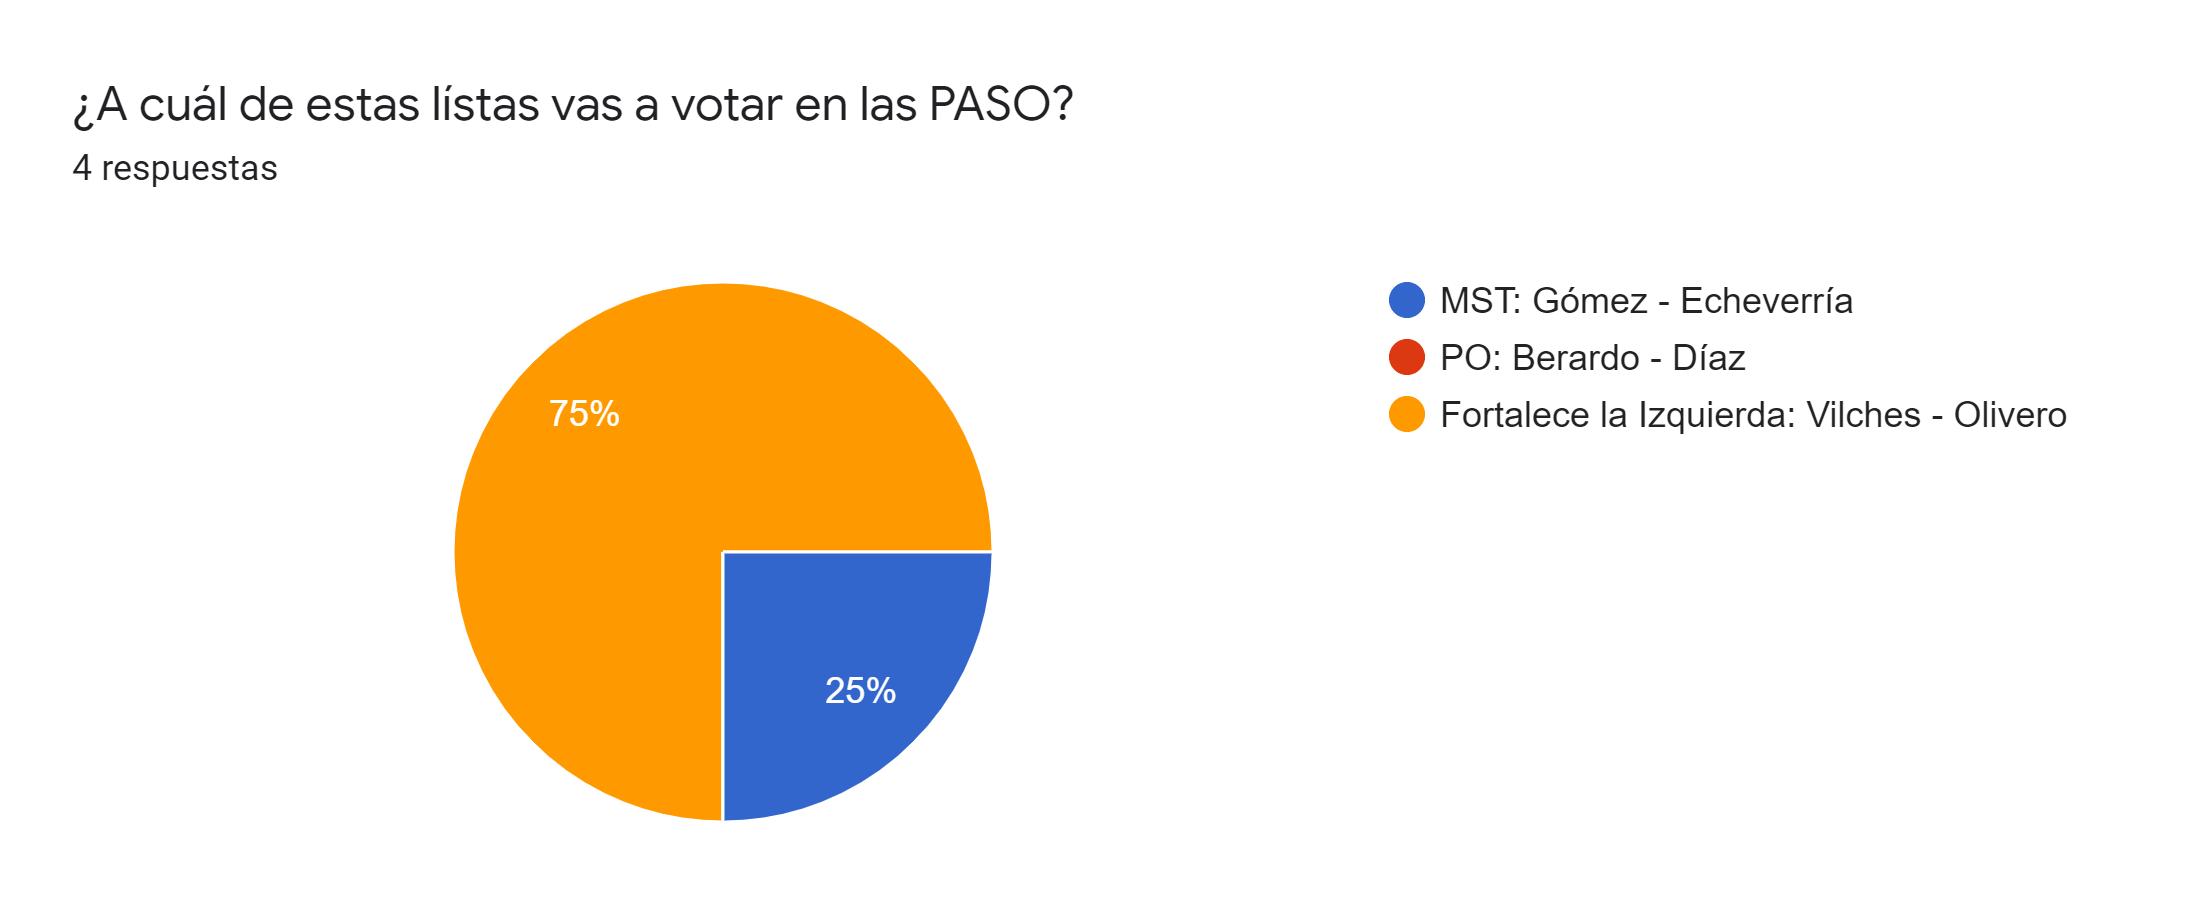 Gráfico de respuestas de formularios. Título de la pregunta:¿A cuál de estas lístas vas a votar en las PASO?. Número de respuestas:4 respuestas.